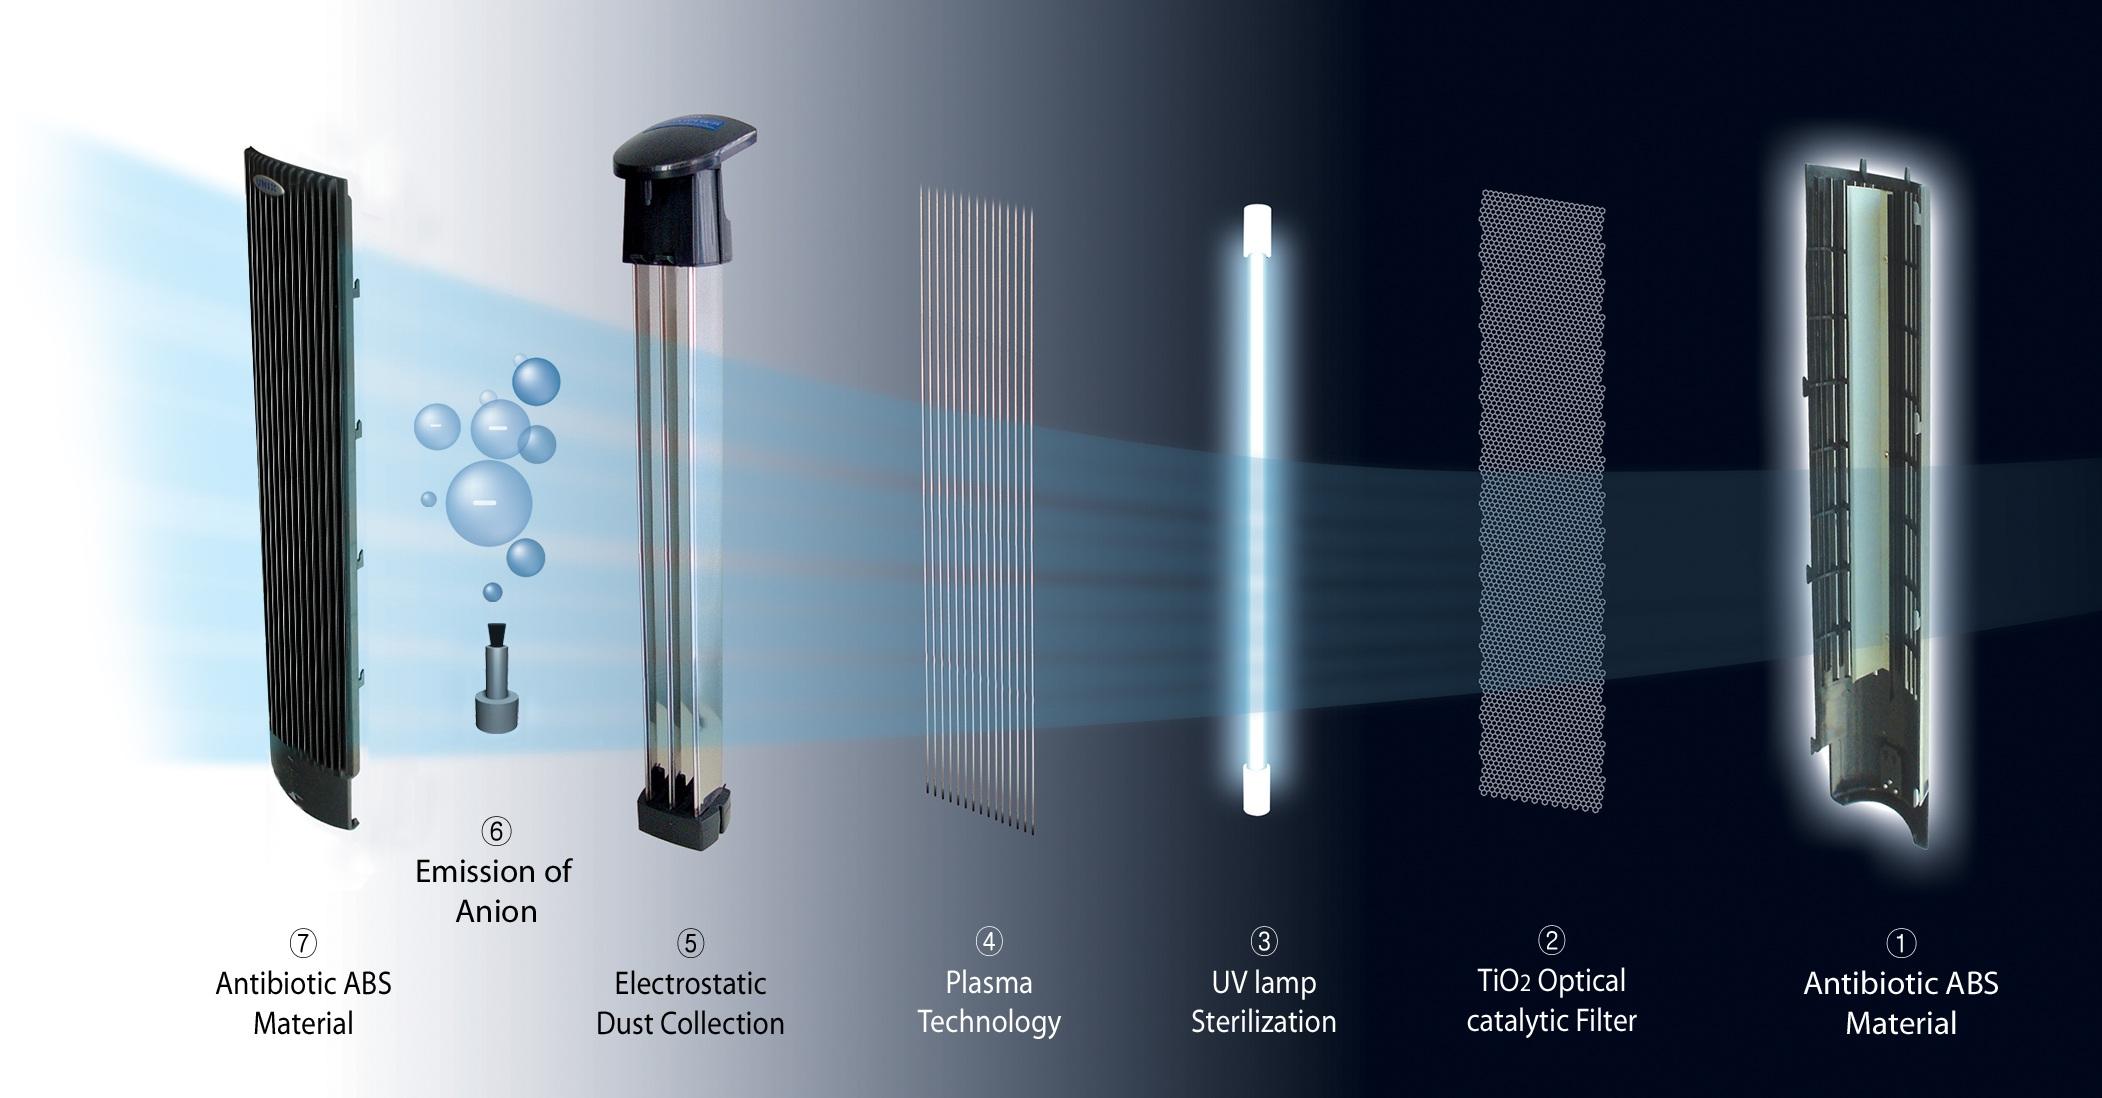 purificateur d air ioniseur uv plasma ca 401 purificateurs et humidificateurs d air de clean. Black Bedroom Furniture Sets. Home Design Ideas